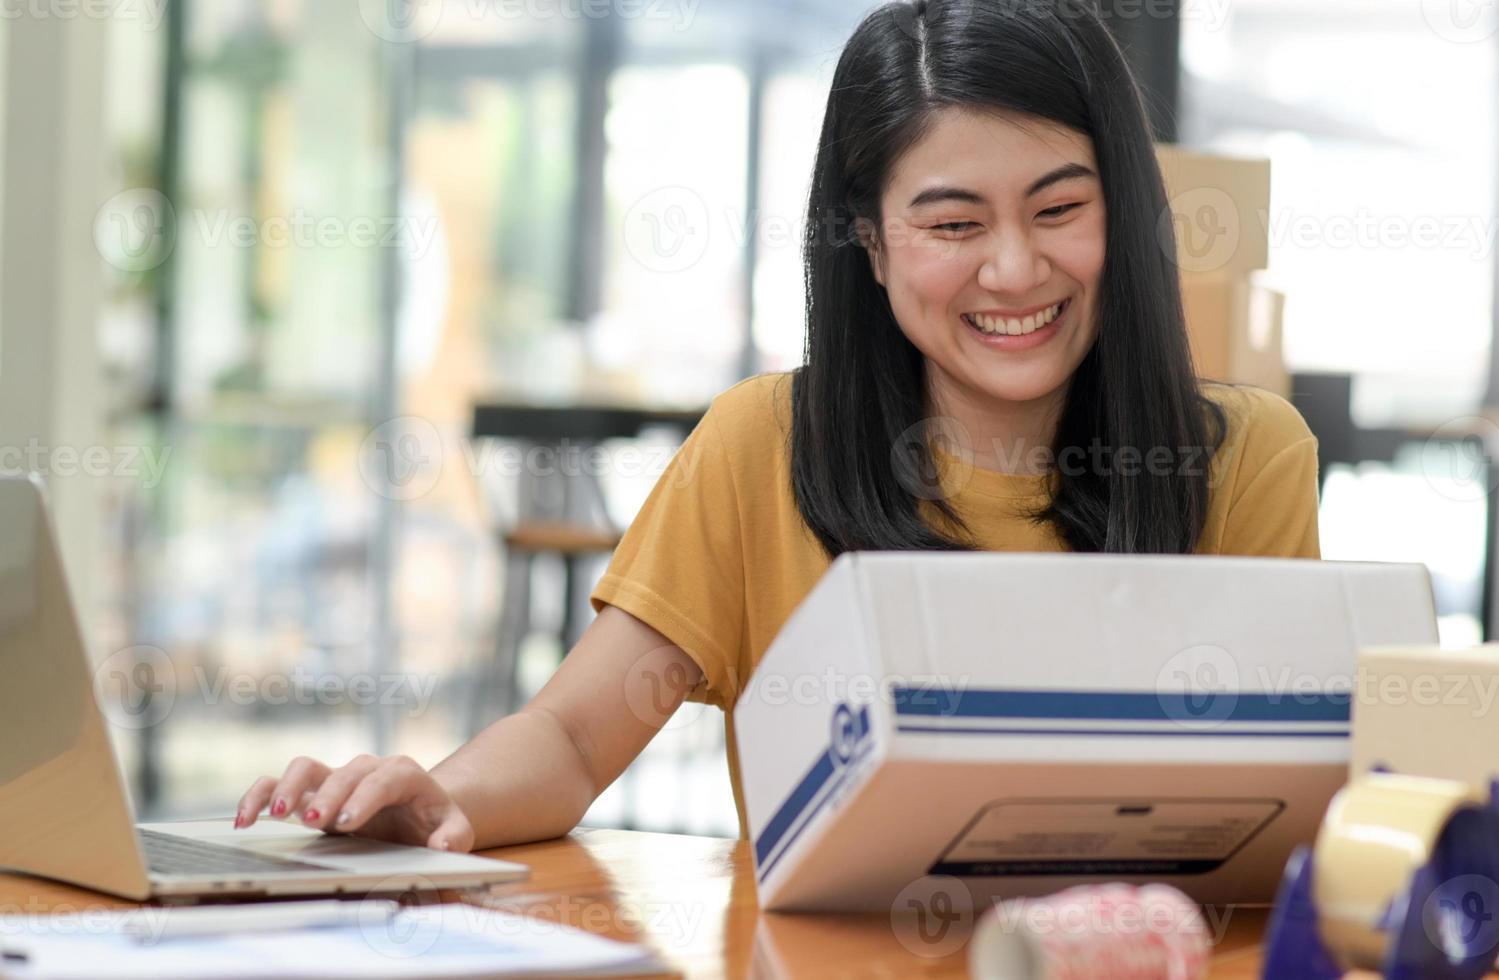 mulher vendendo produtos de videochamada online com clientes sorridentes. foto